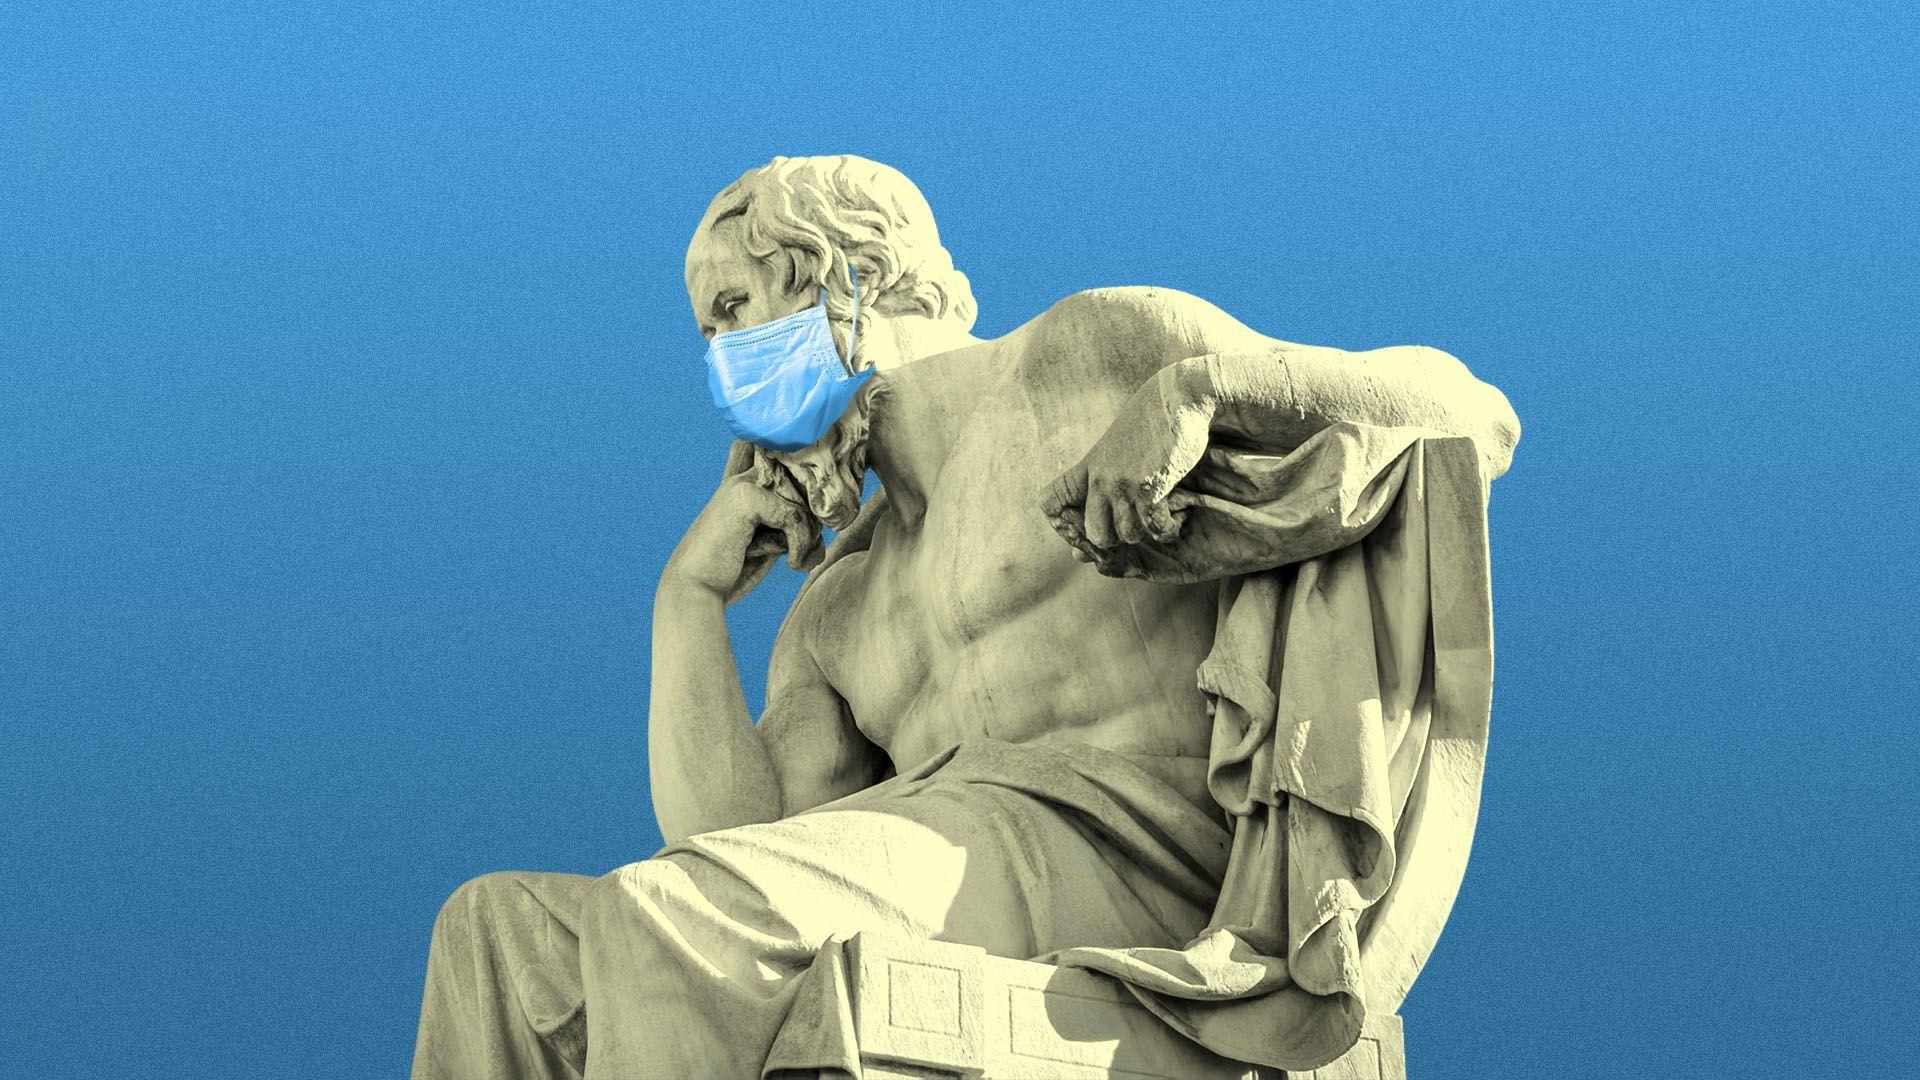 The coronavirus outbreak will forever change the world economy